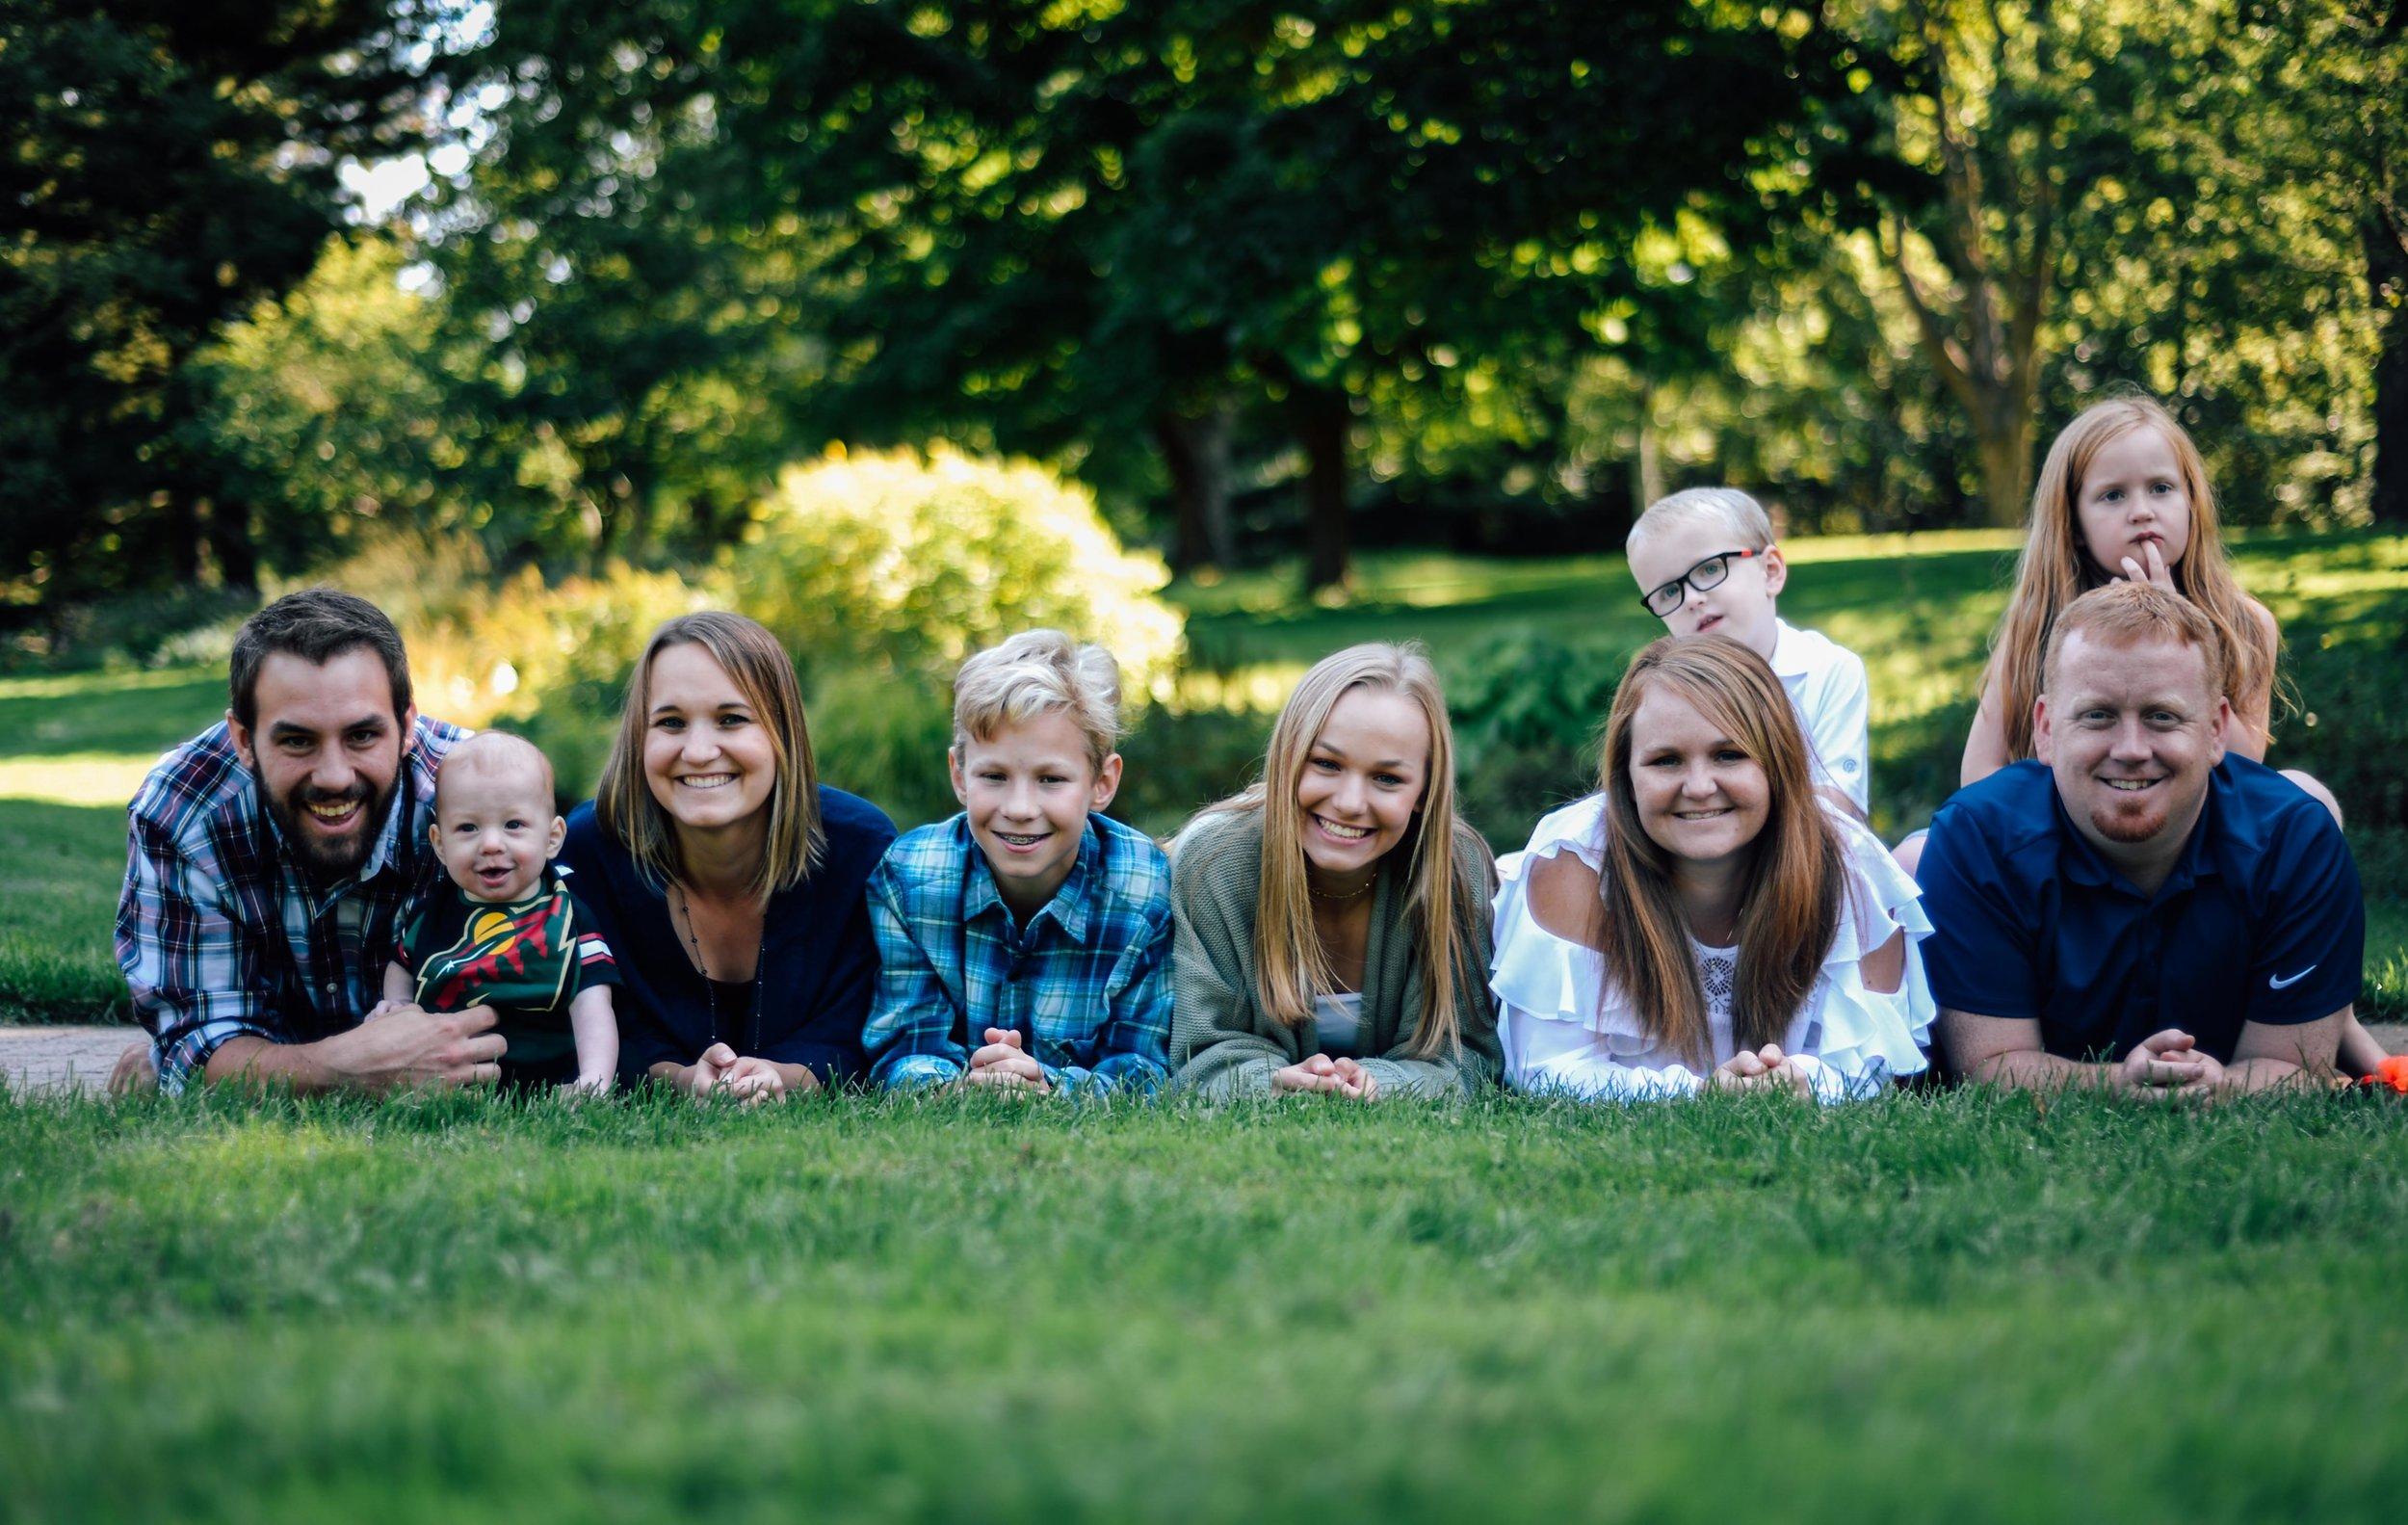 Tvogt Family-305.jpg